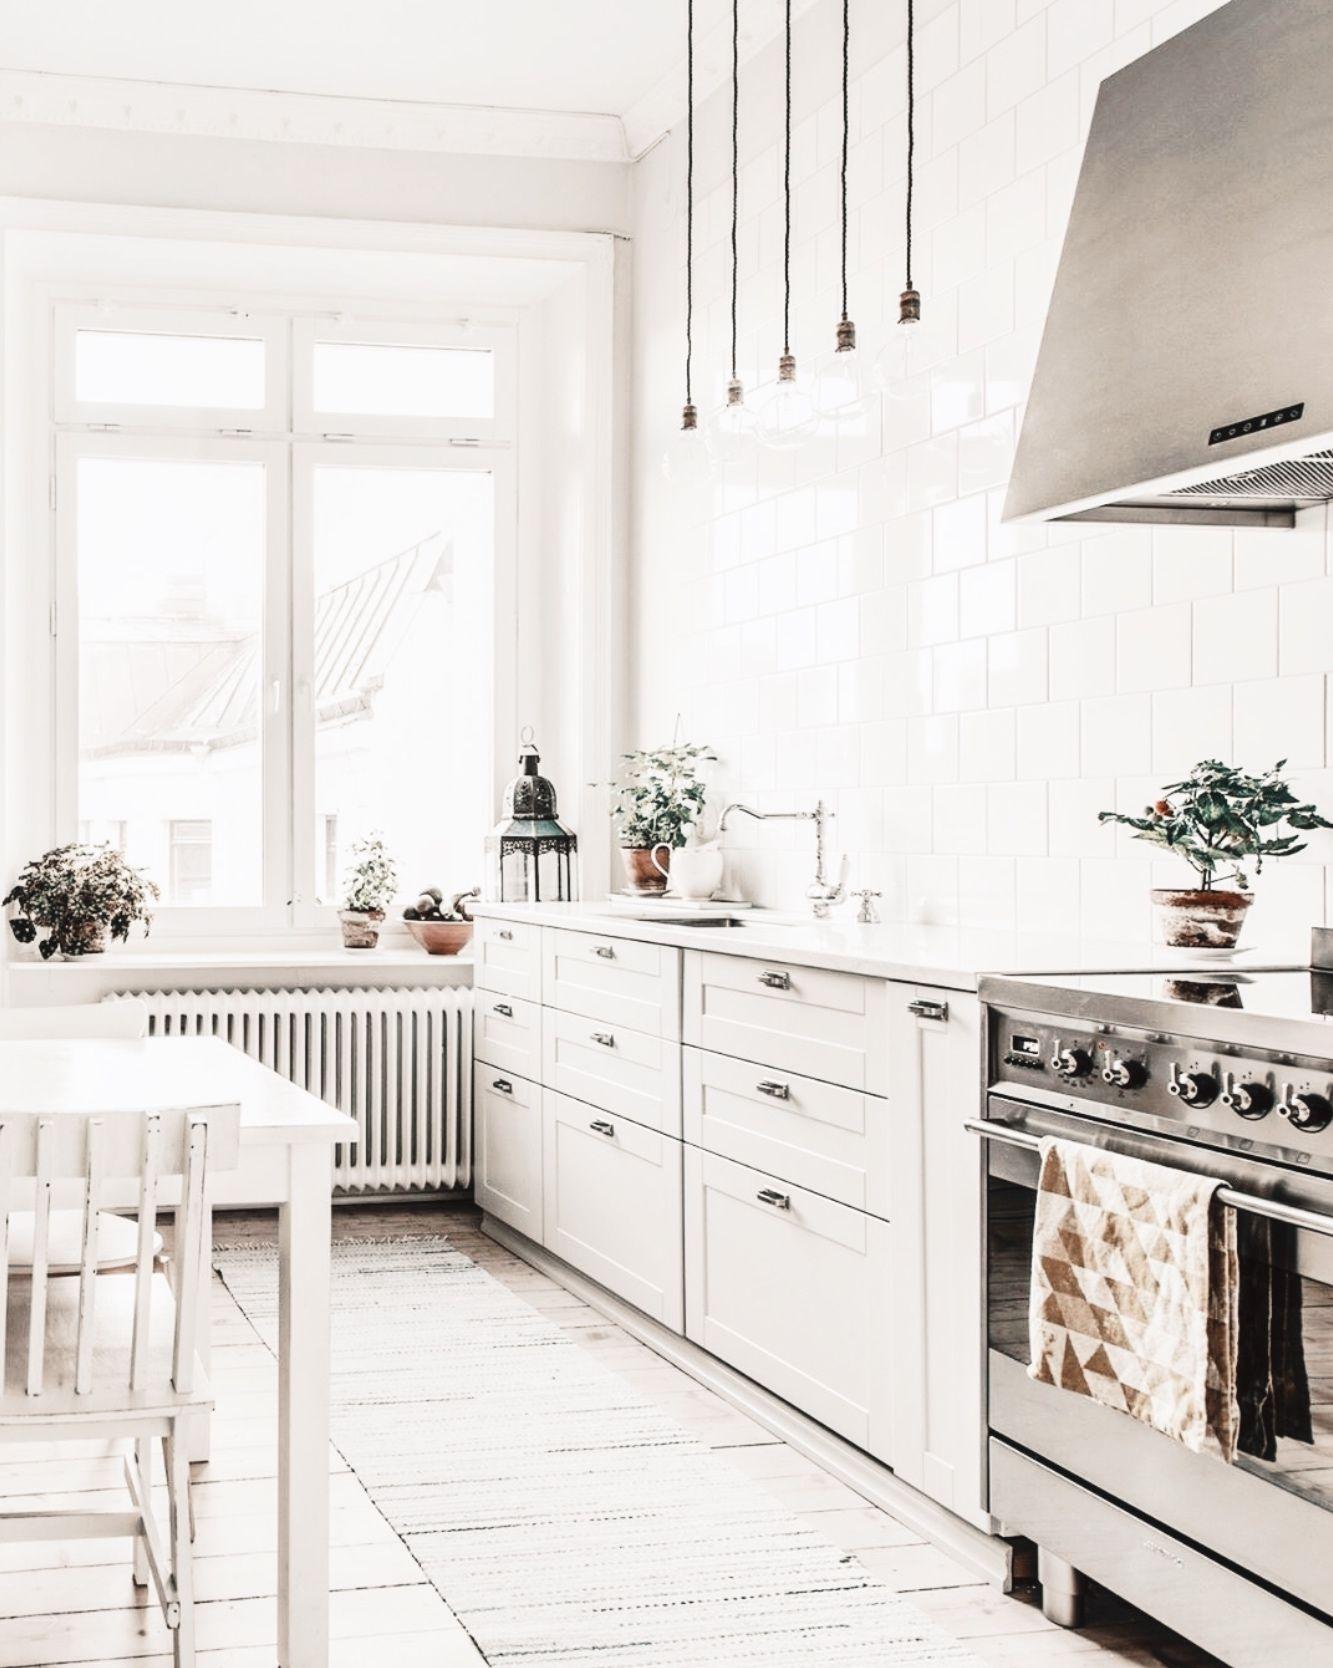 Pin von Jodi McKee auf interior inspiration   Pinterest   Küche ...